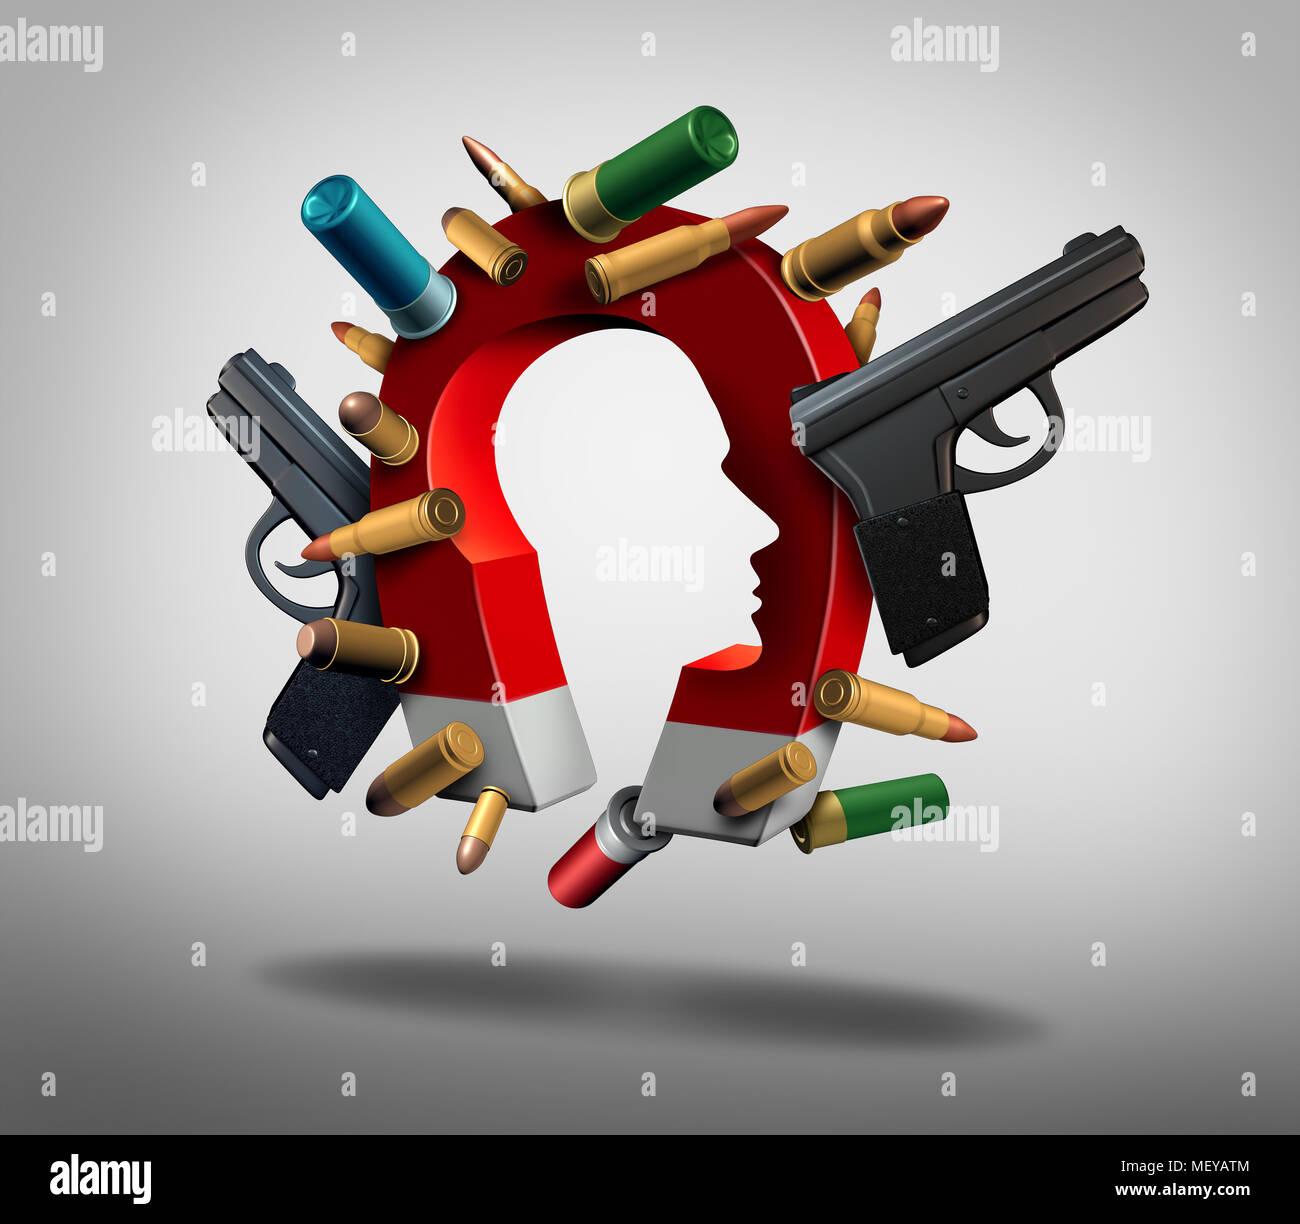 Attrazione per pistole e sociale società o problemi di sicurezza riguardanti la psicologia della gente e delle armi da fuoco e una pistola la cultura come un 3D'illustrazione. Immagini Stock